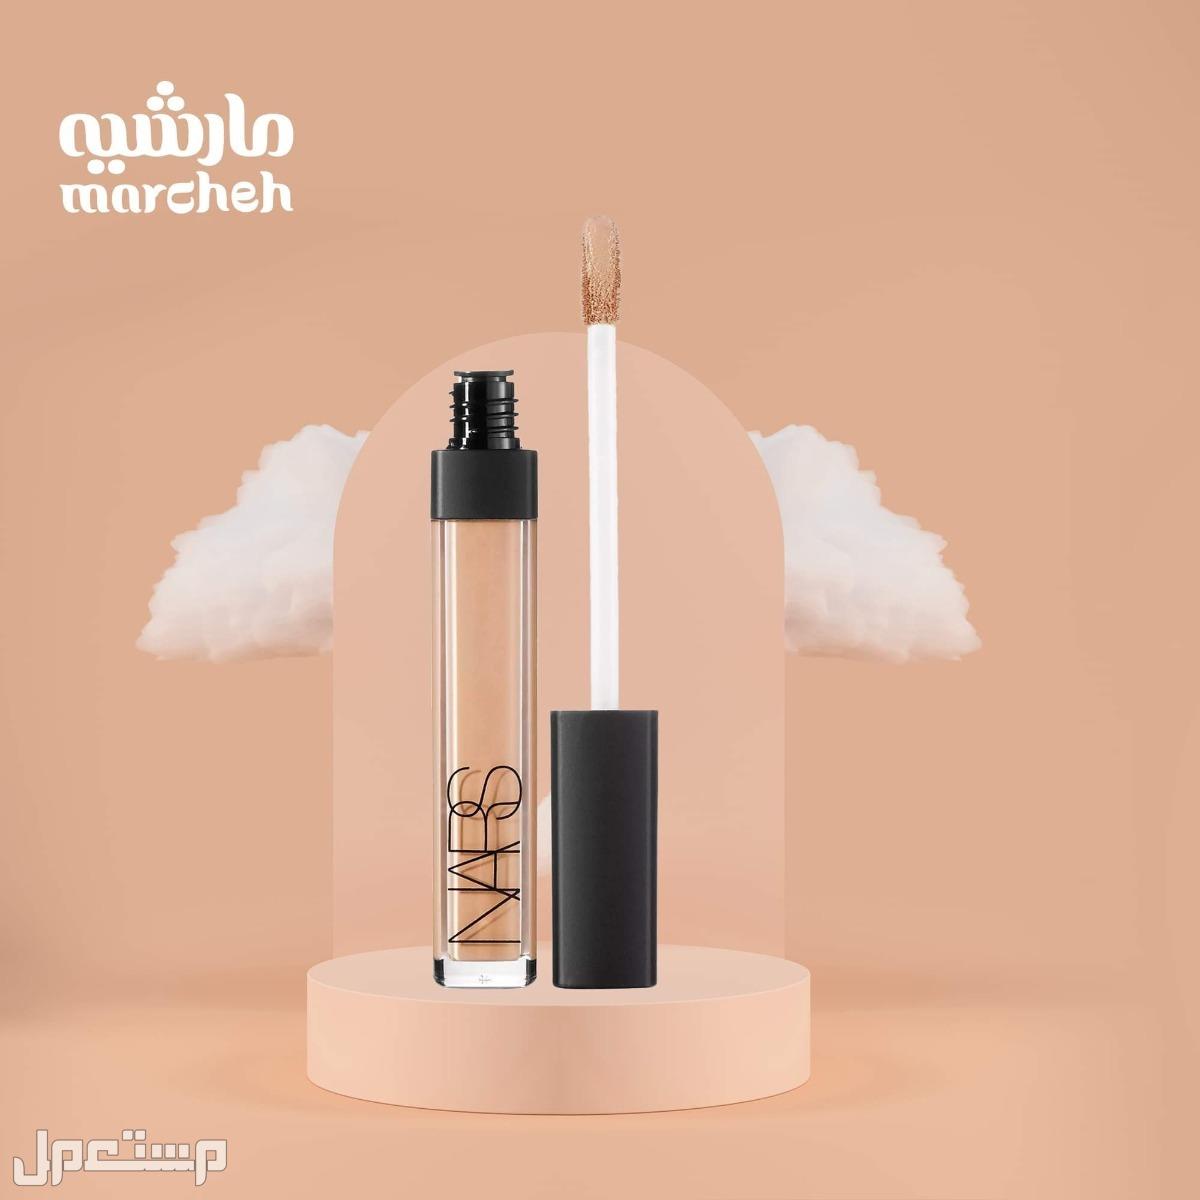 تصمم شعار باسعار مميزة وجوده عاليه